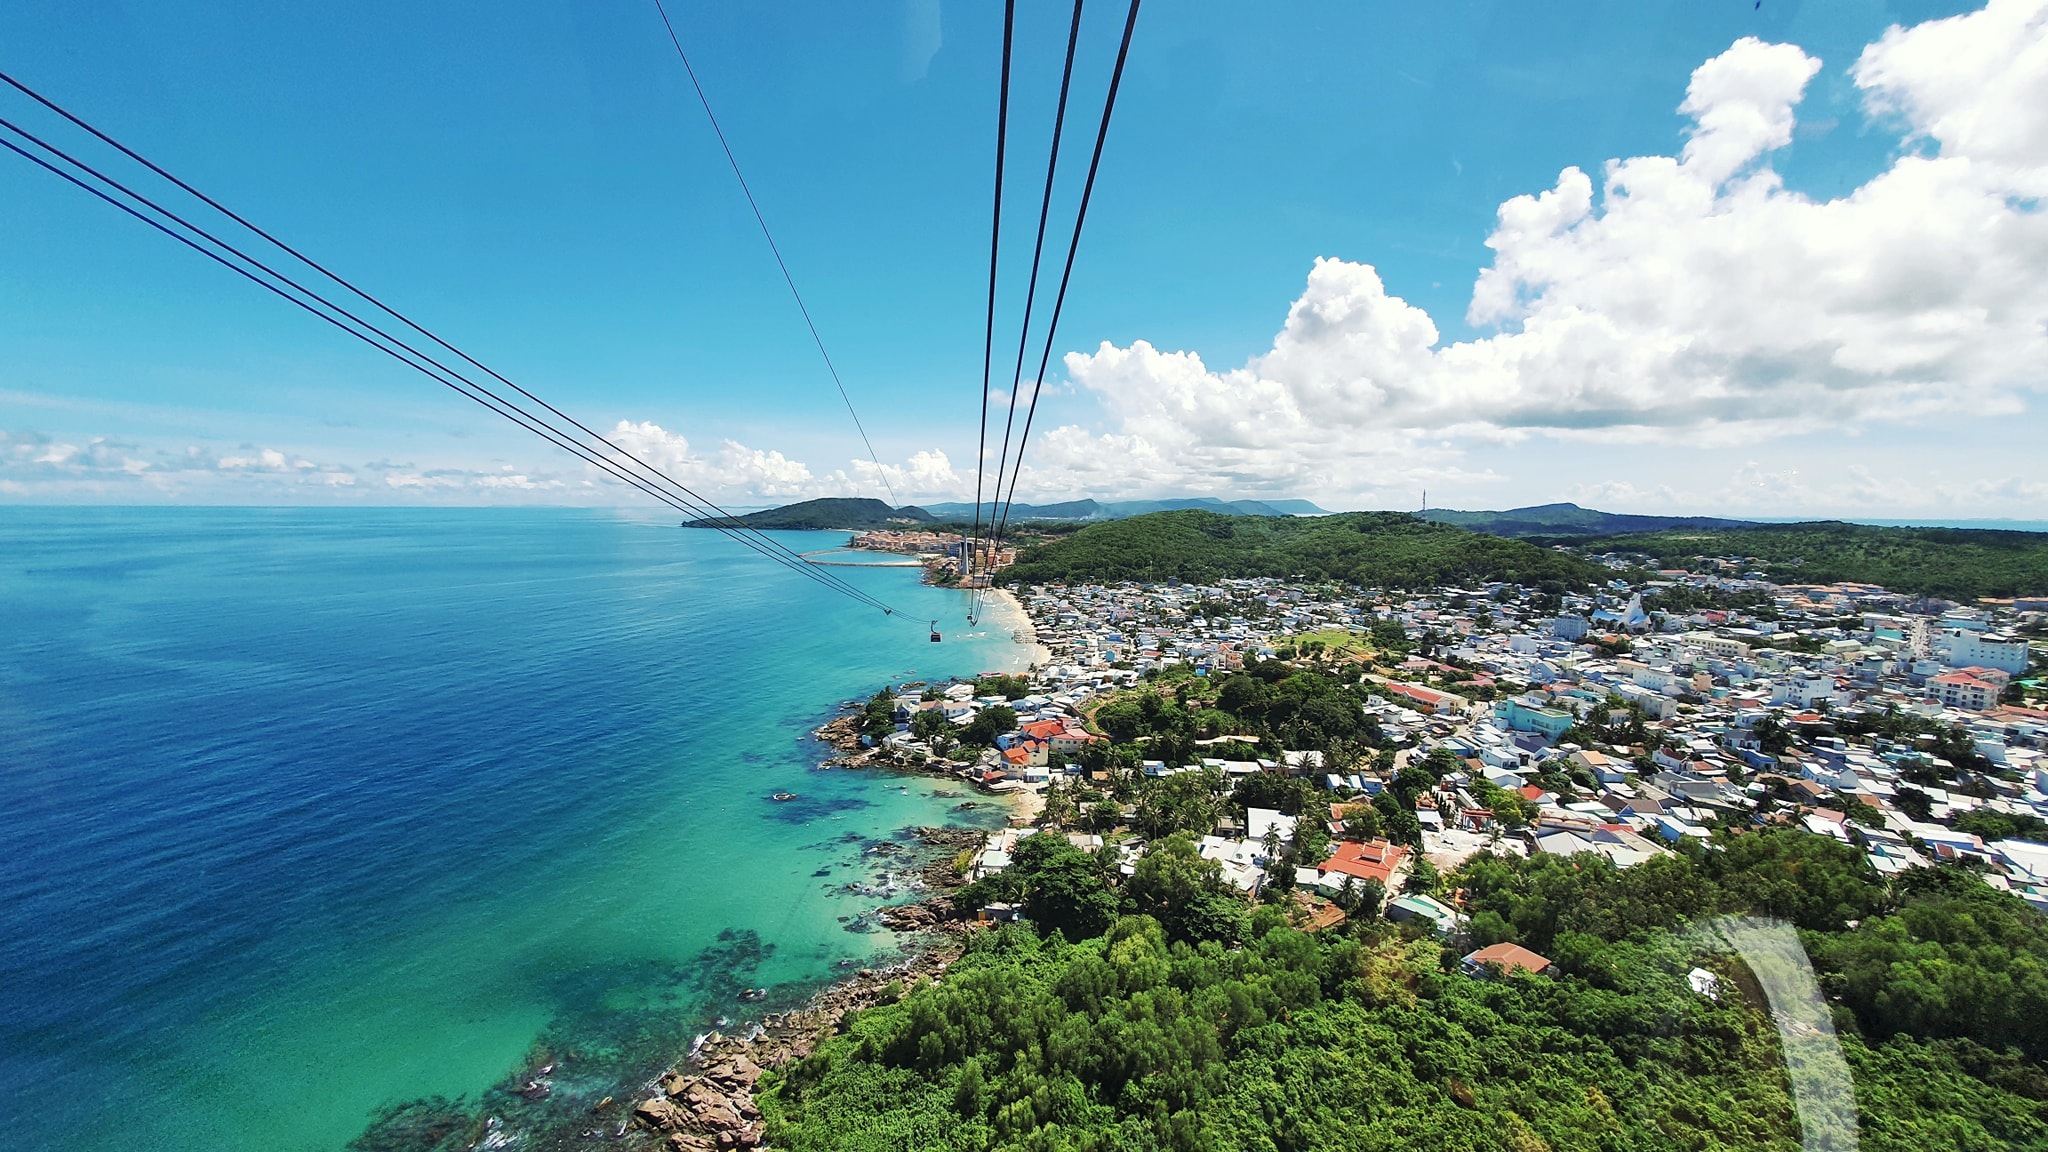 Tour du lịch Phú Quốc từ Hải Phòng: Trải nghiệm thiên đường nghỉ dưỡng số một Việt Nam - Ảnh 27.